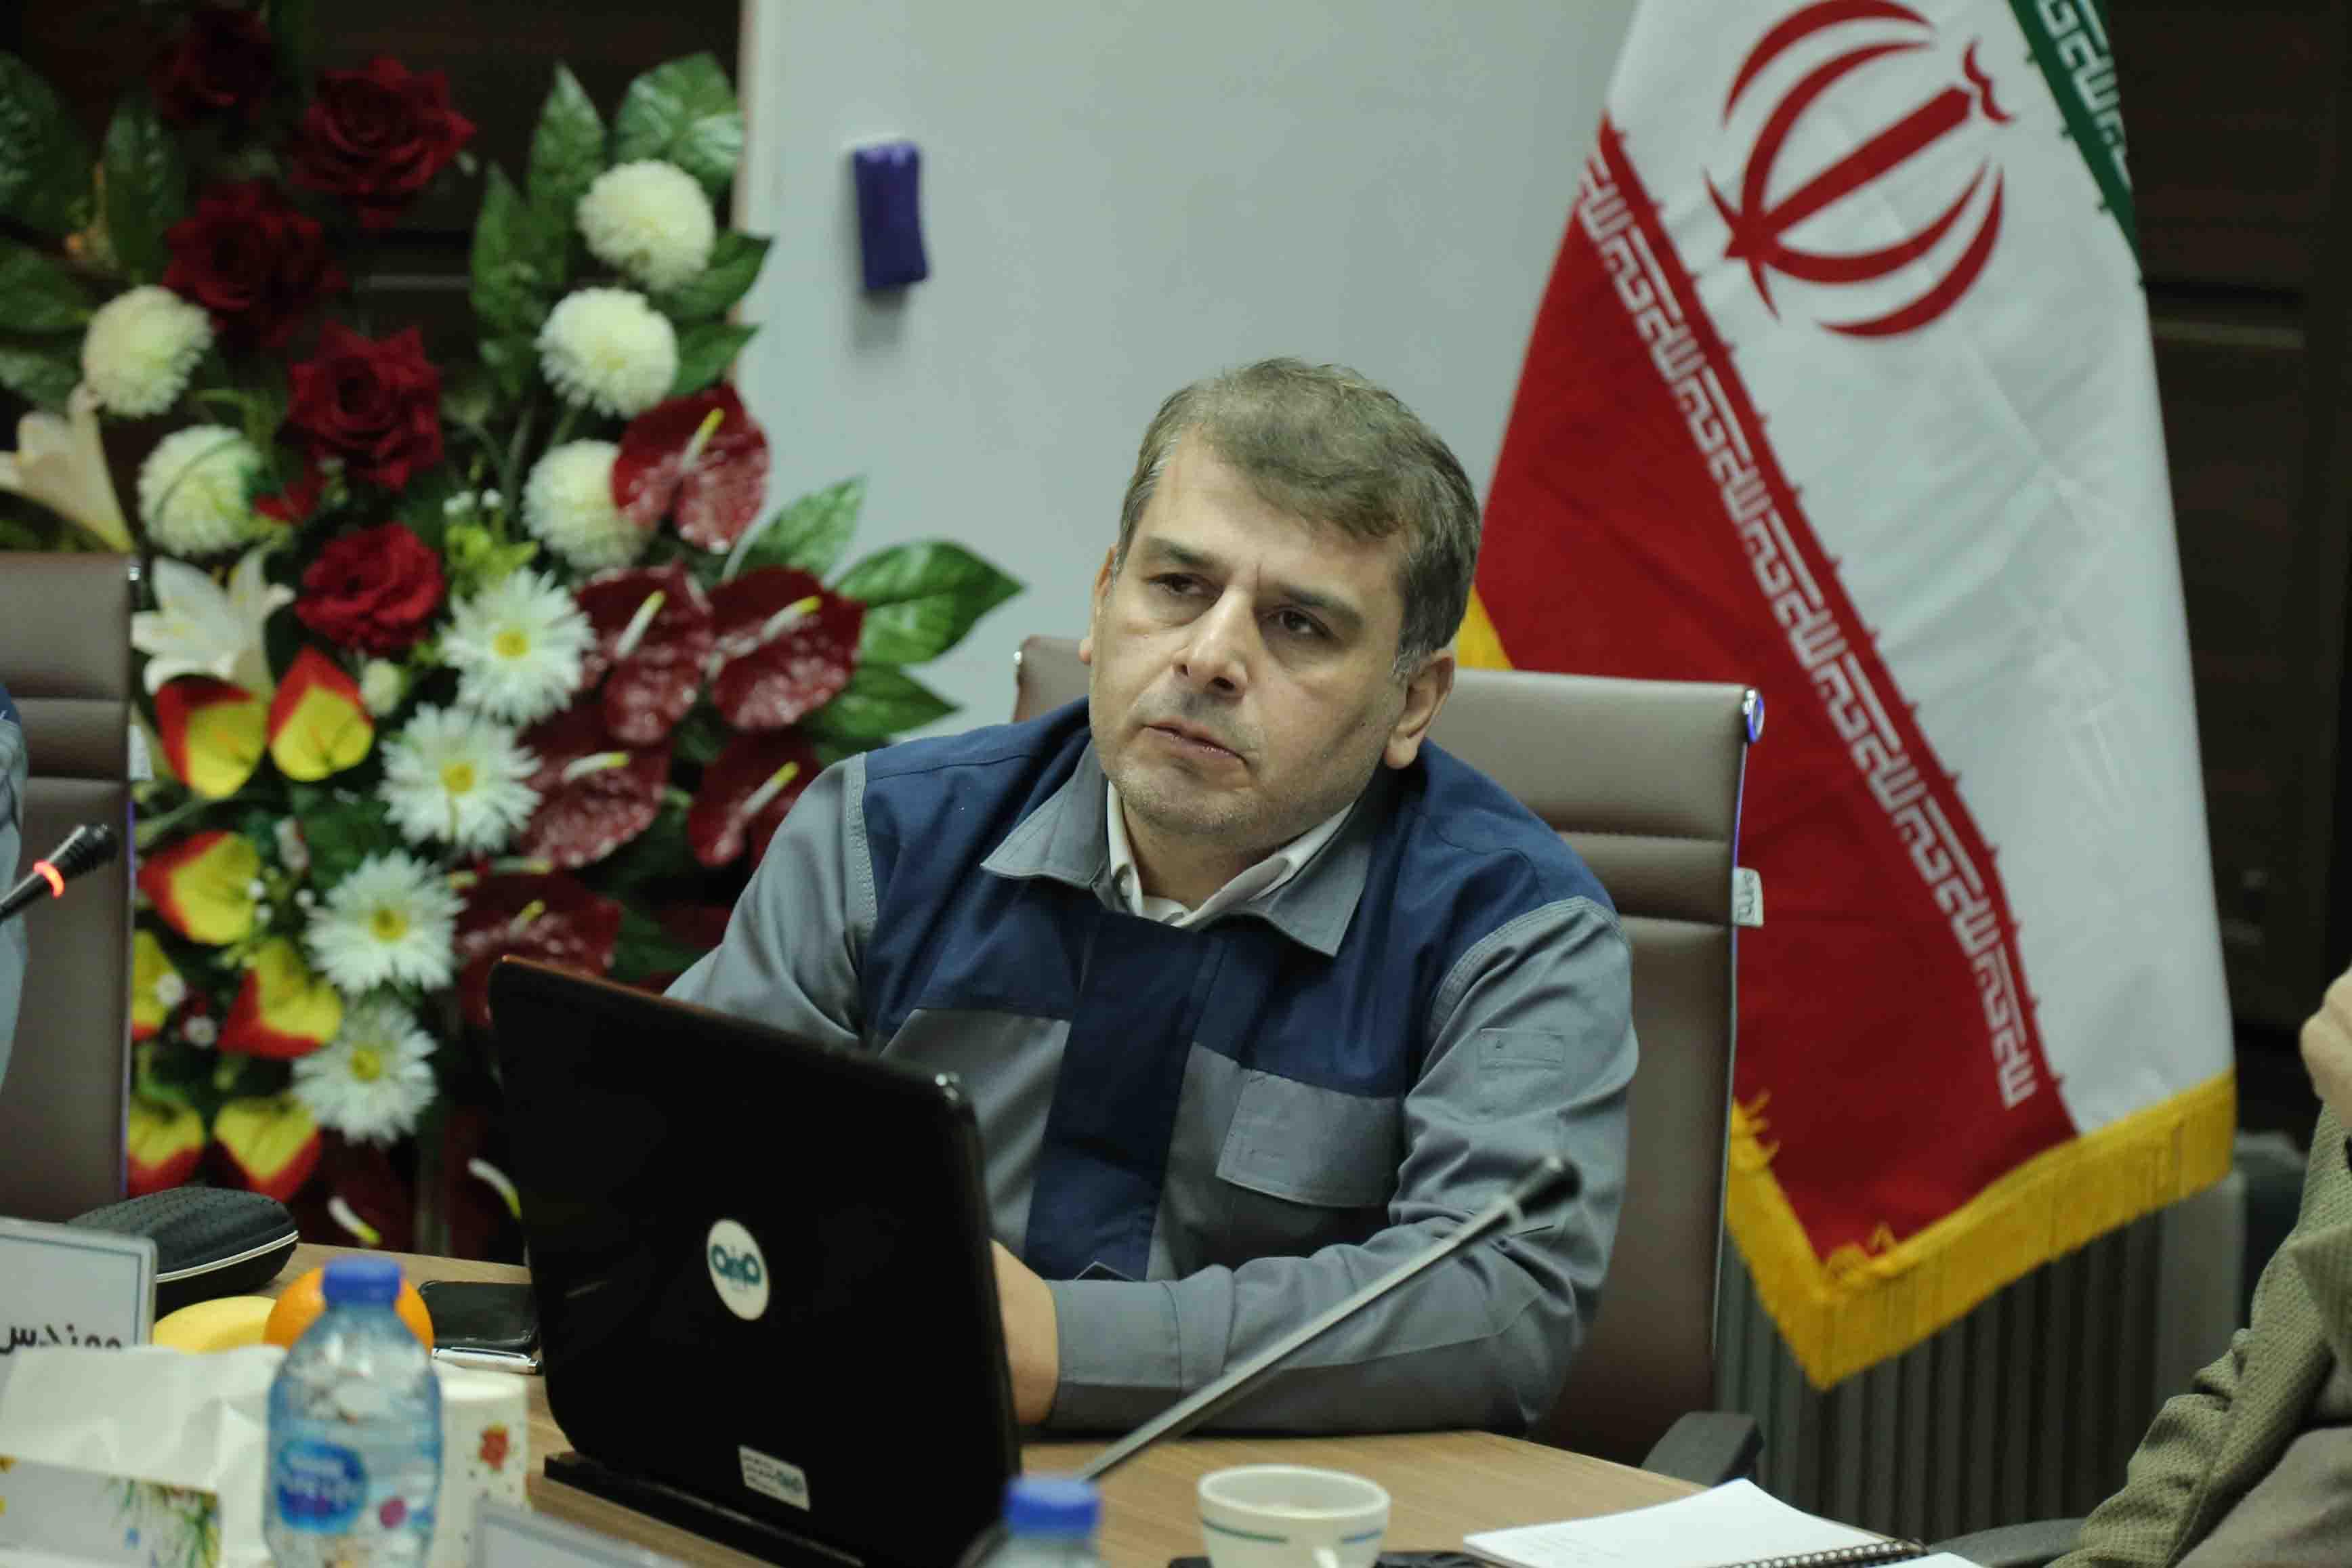 مدیرعامل شرکت صنایع معدنی فولاد سنگان خراسان: پیشرفت 82.5 درصدی پروژه کنسانتره سازی فولاد سنگان / افتتاح پروژه در نیمه اول سال 98